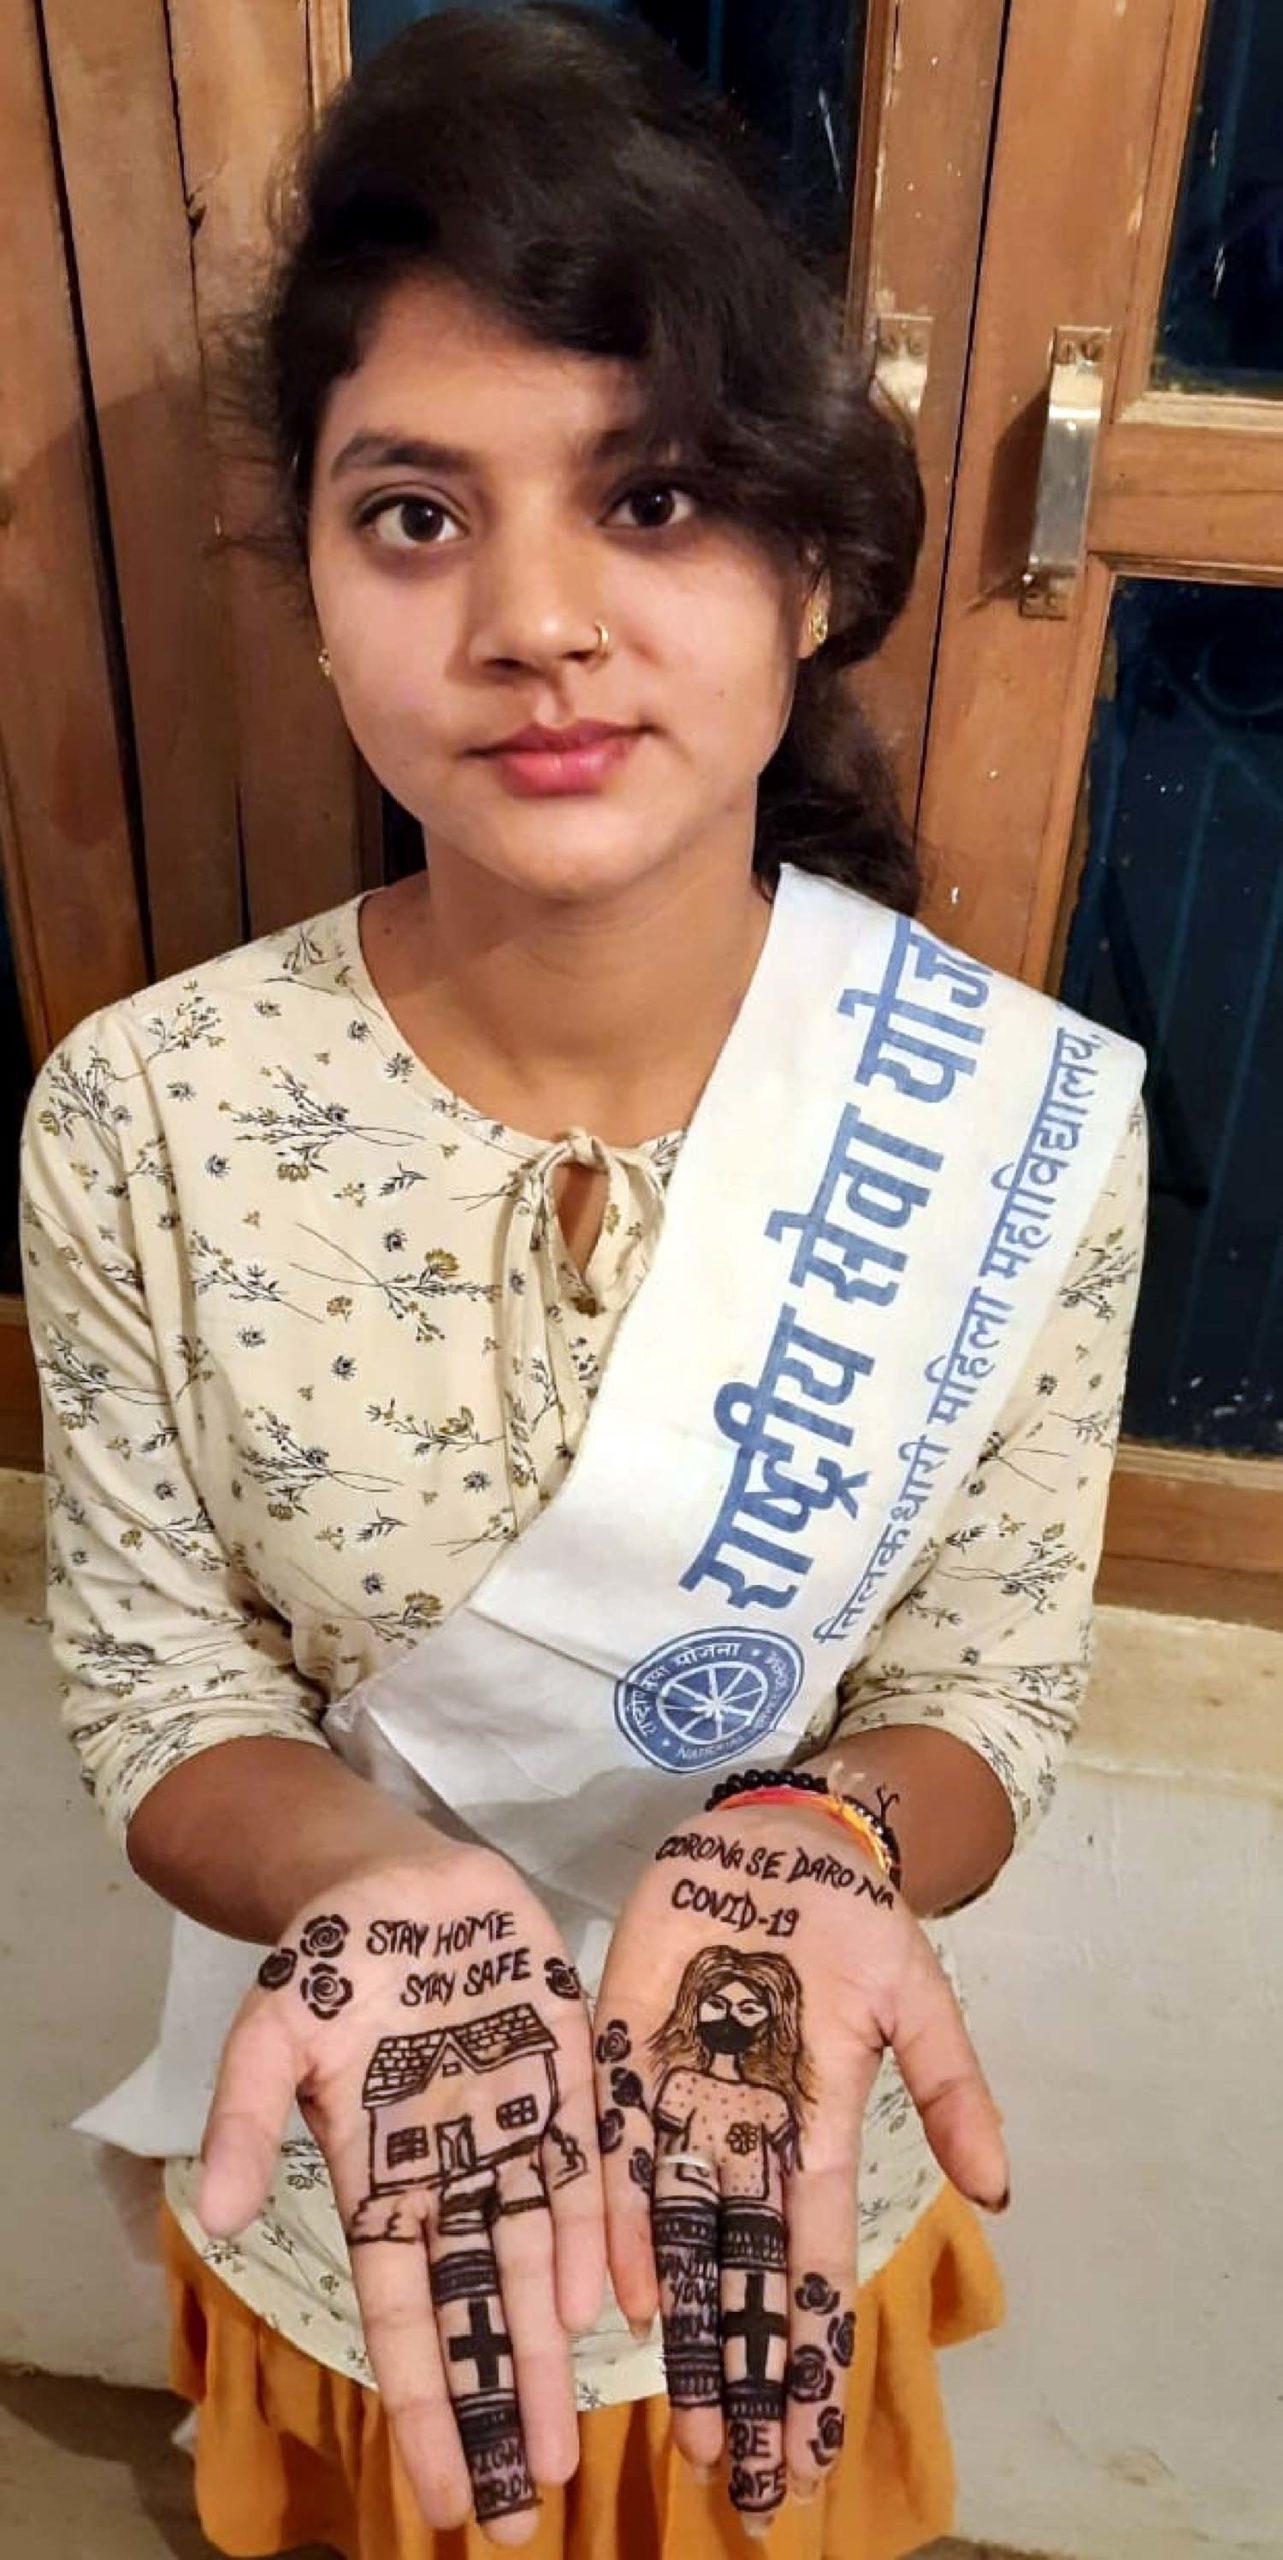 जौनपुर। नगर के टीडी महिला महाविद्यालय की राष्ट्रीय सेवा योजना की स्वयंसेविका अंकिता ने मेंहदी के माध्यम से कोविड-19 से बचने के लिये लोगों को घर में रहने का संदेश दिया। पूविवि के कार्यक्रम समन्वयक डा. राकेश यादव ने बताया कि रासेयो से जुड़े विद्यार्थी निरन्तर अपने सृजनधर्मिता से संदेश निर्मित कर लोगों को जागरूक करने में लगे हैं। आजमगढ़, मऊ, गाजीपुर एवं जौनपुर के विभिन्न महाविद्यालयों की स्वयंसेविकाएं पोस्टर, कविता, कोलाज आदि के माध्यम से संक्रमण के प्रति जागरूकता में अपना योगदान दे रही हैं। उन्होंने नोडल व कार्यक्रम अधिकारियों सहित स्वयंसेवकों से अपील किया कि इस लॉक डाउन के दौरान जनजागरूकता का जो अभियान रासेयो द्वारा चलाया गया है, उसमें अपनी भागीदारी सुनिश्चित करते रहें। सोशल डिस्टेंसिंग का पालन करते हुये अपने आस-पड़ोस के लोगों को जागरूक करें। साथ ही सोशल मीडिया के माध्यम से भी कोविड-19 से जुड़ी जानकारी प्रेषित करते रहें।